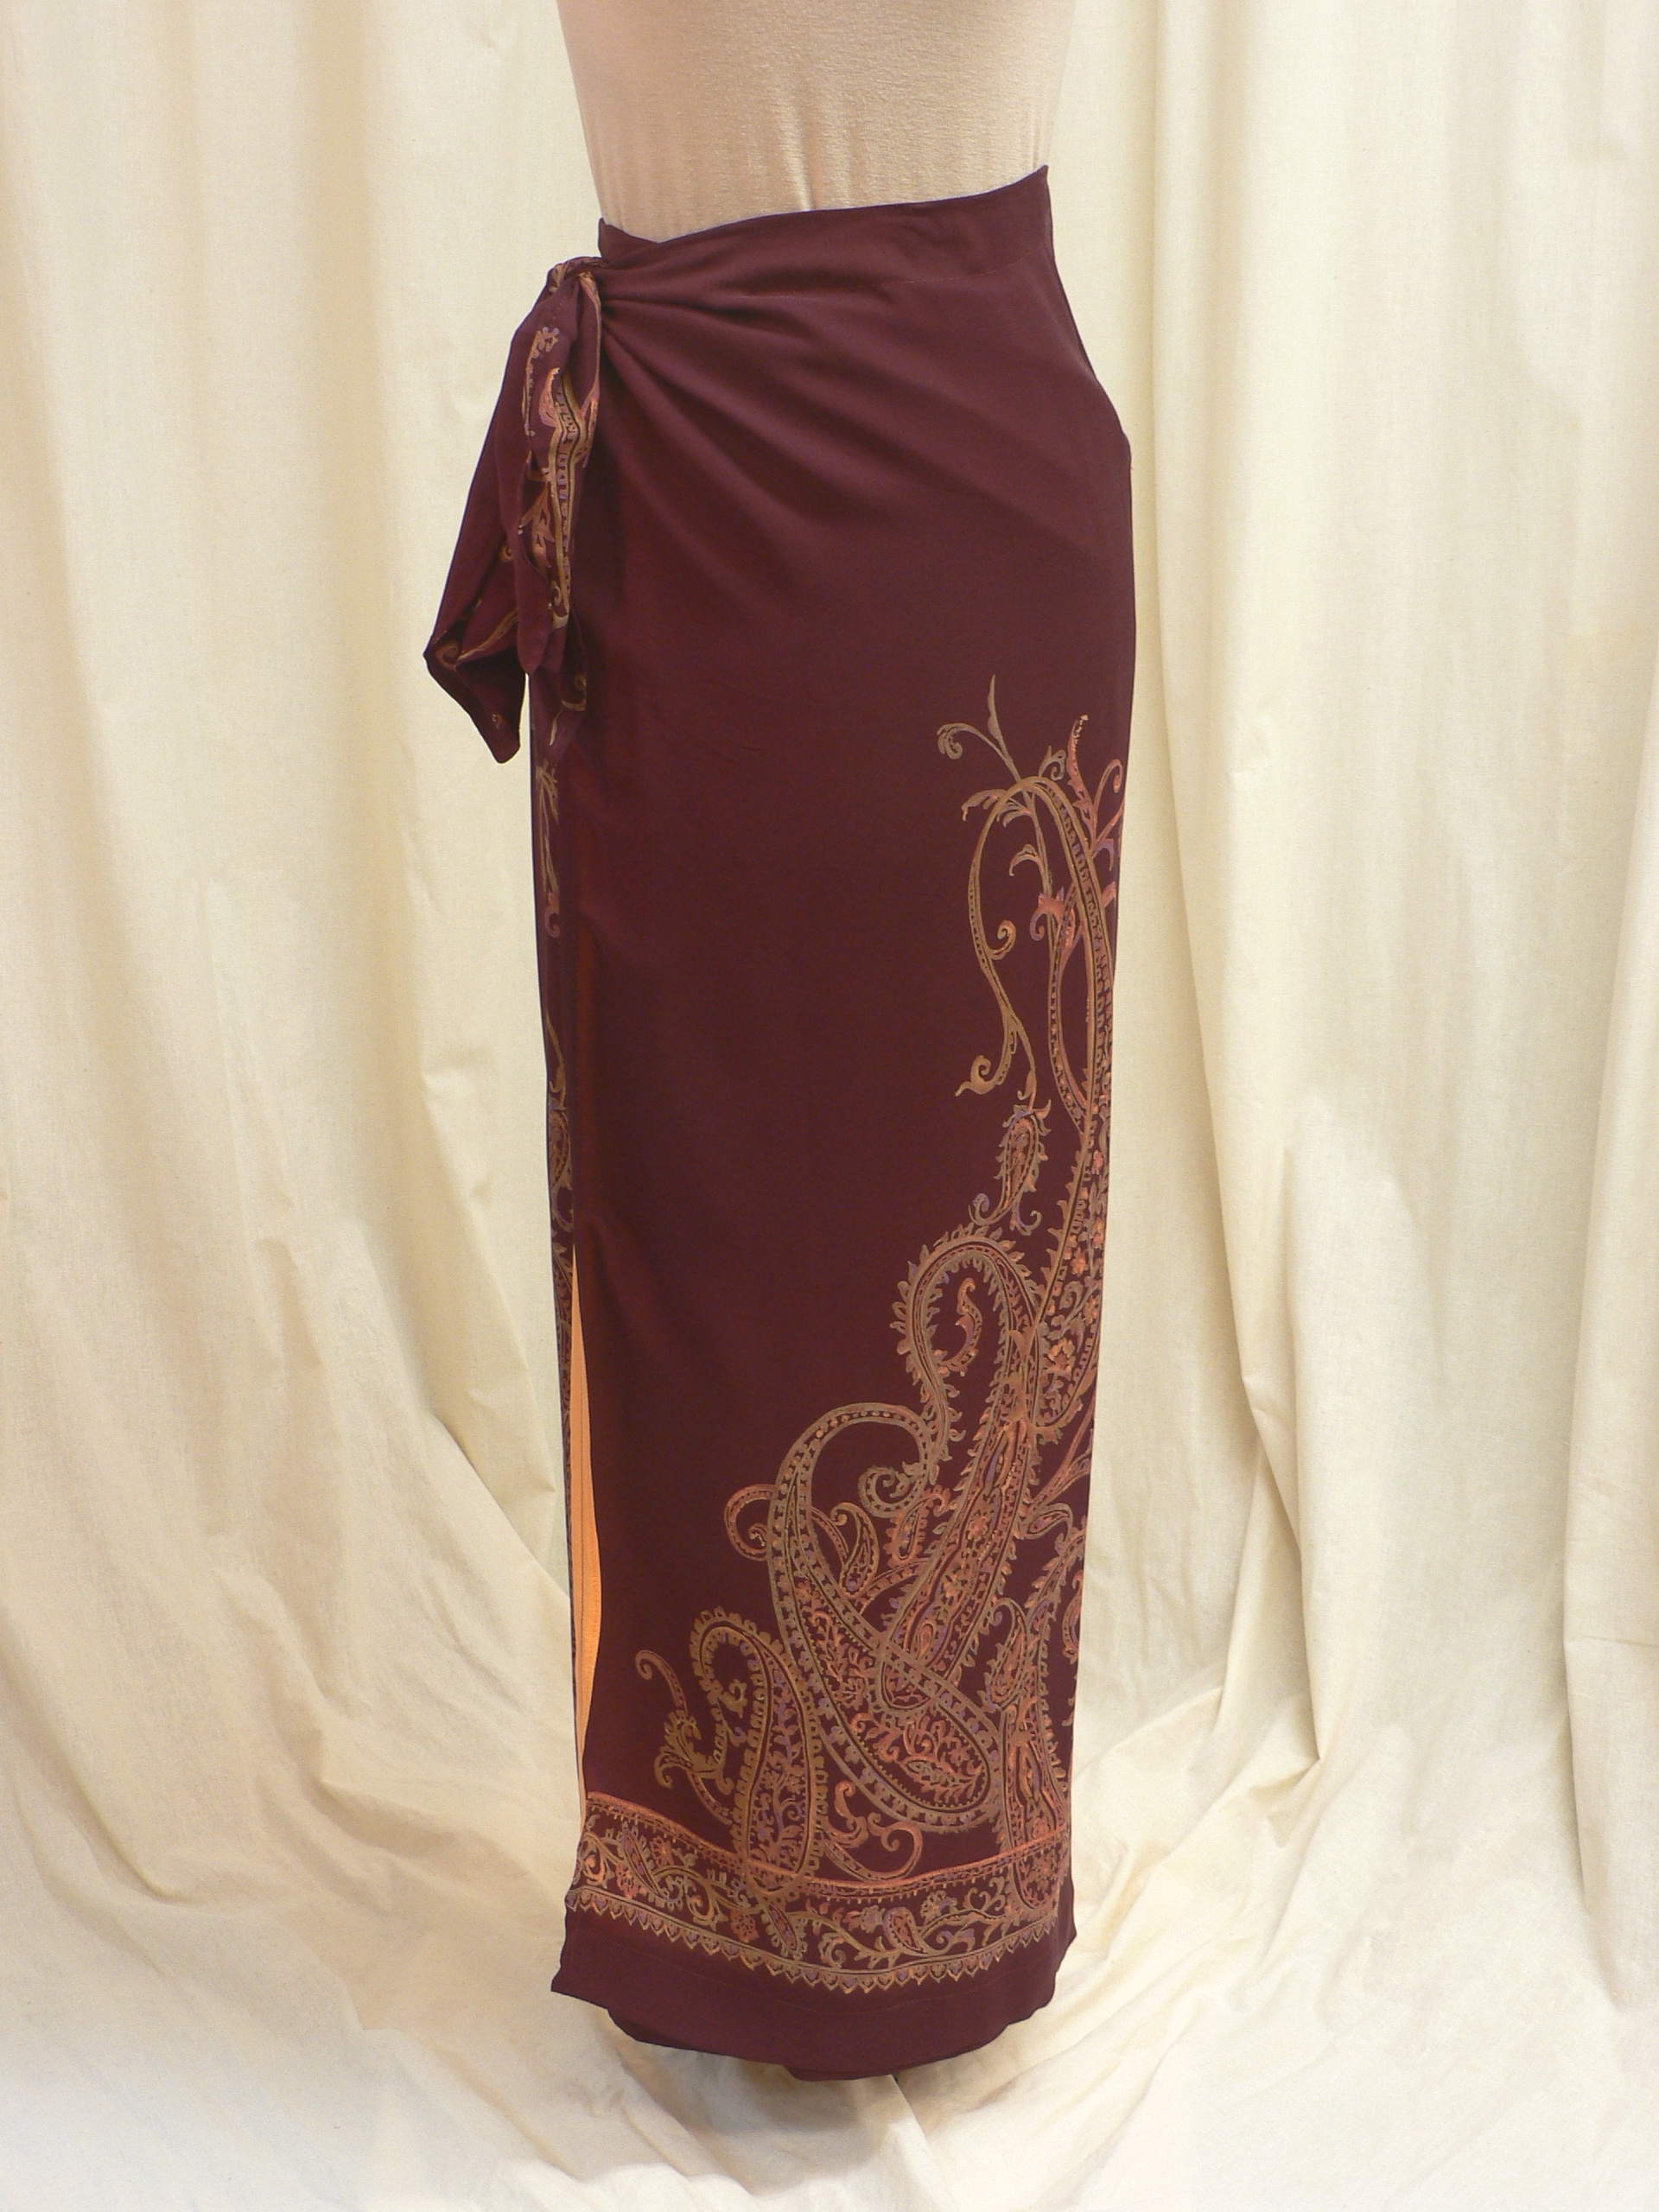 skirt07_front.JPG